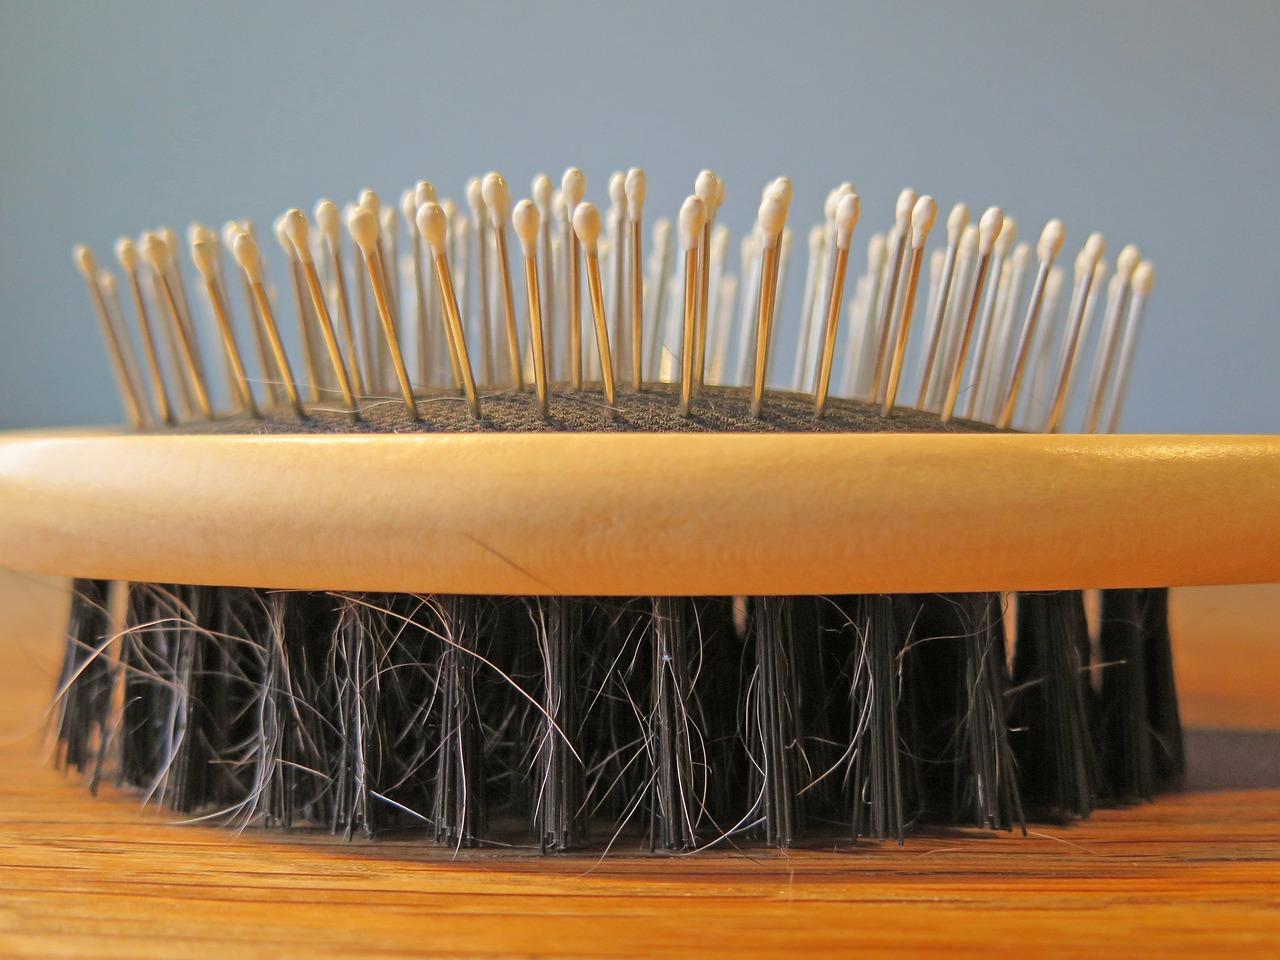 nettoyer une brosse à cheveux